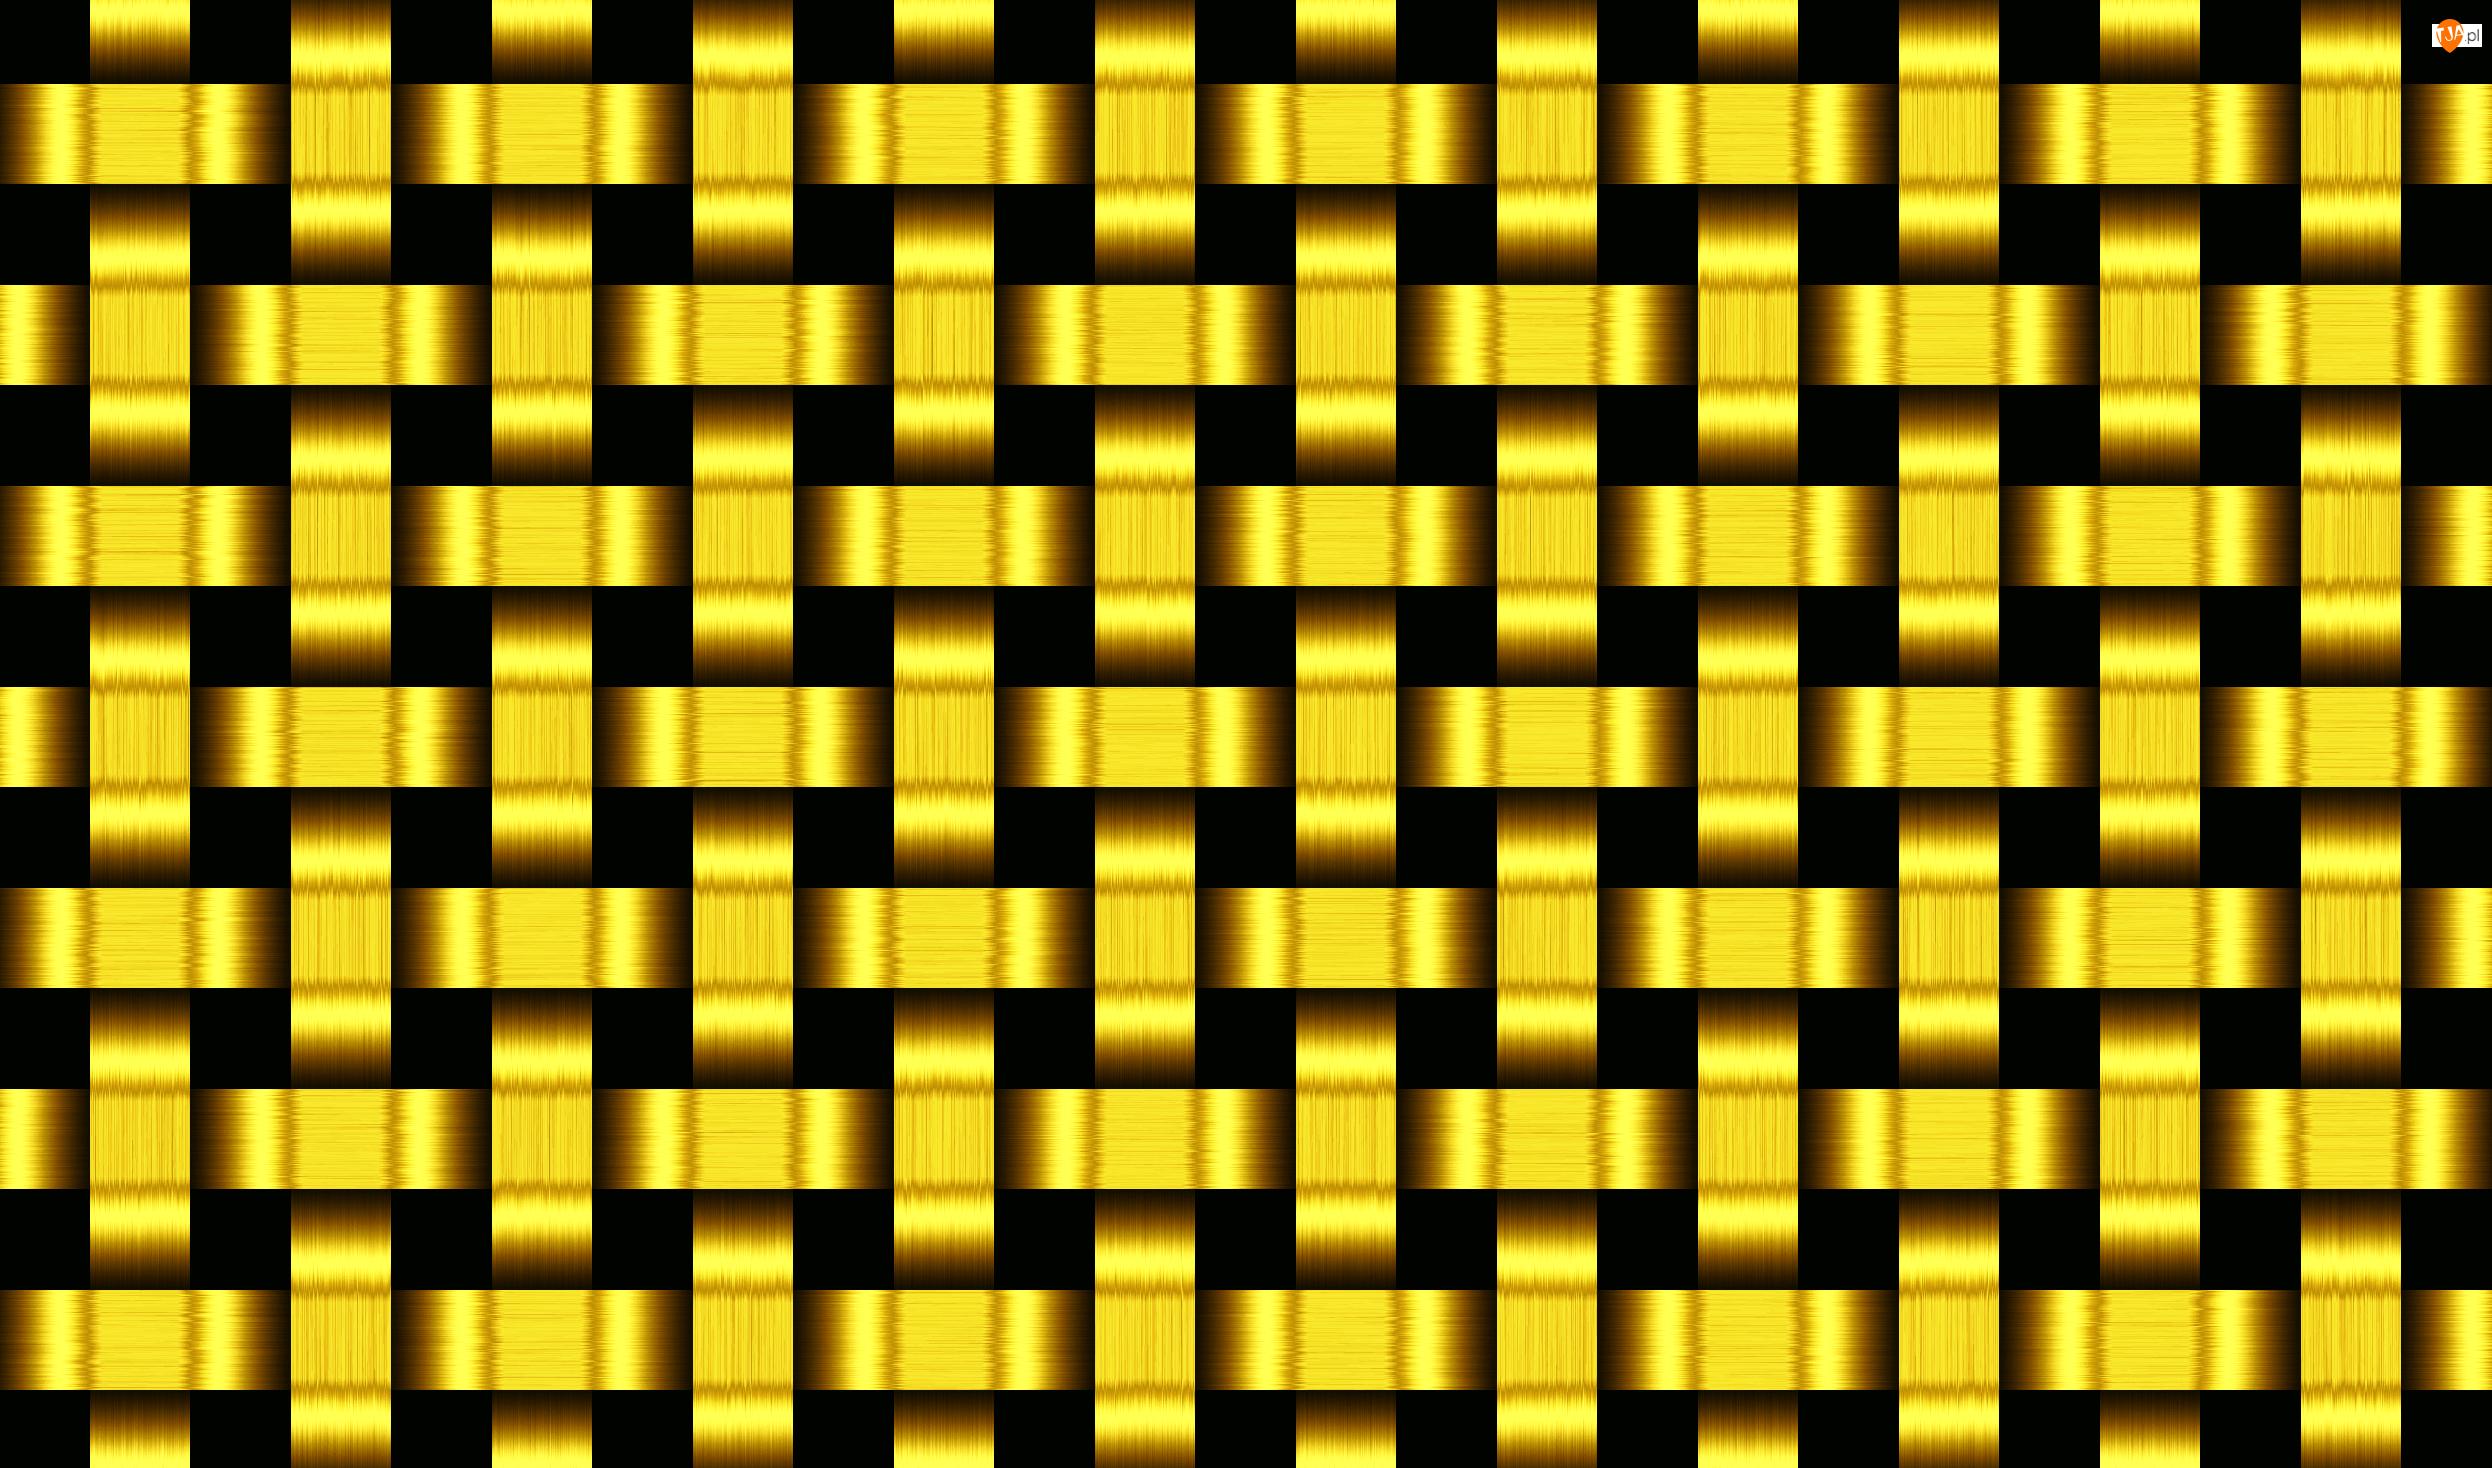 Złota, Tekstura, Plecionka